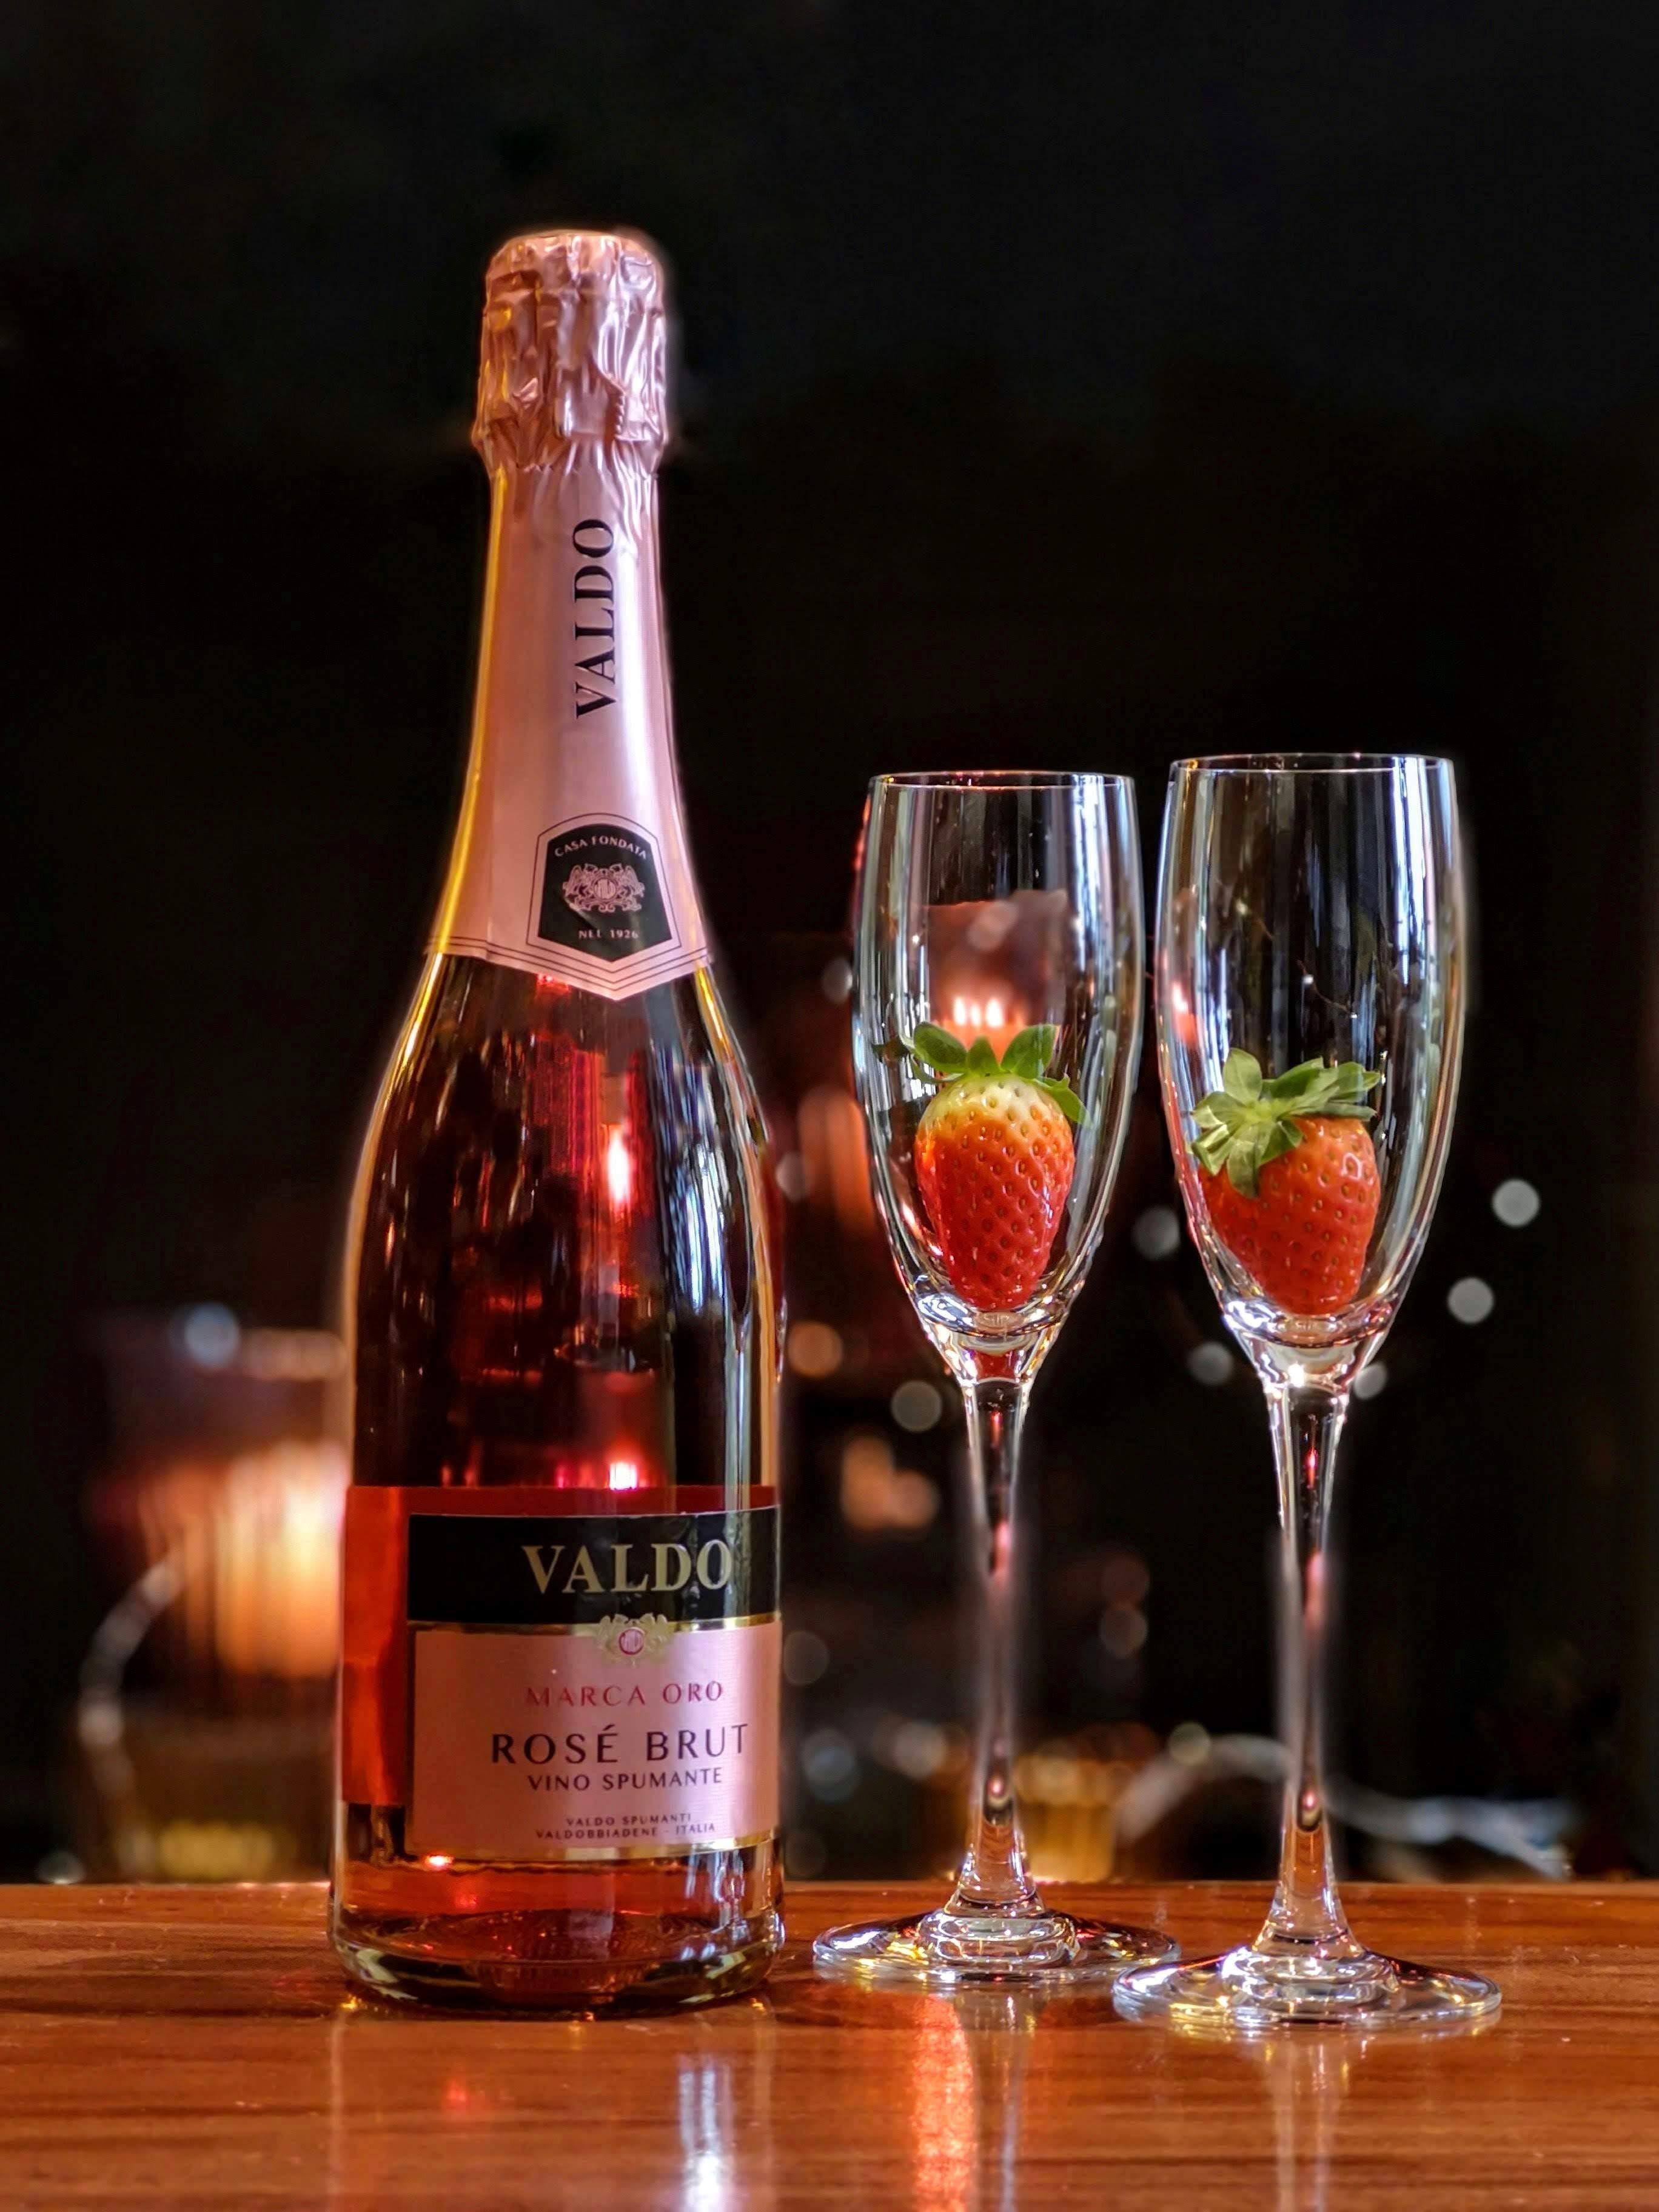 Δωρεάν στοκ φωτογραφιών με αλκοολούχο ποτό, γιορτή, γυαλί, μπουκάλι